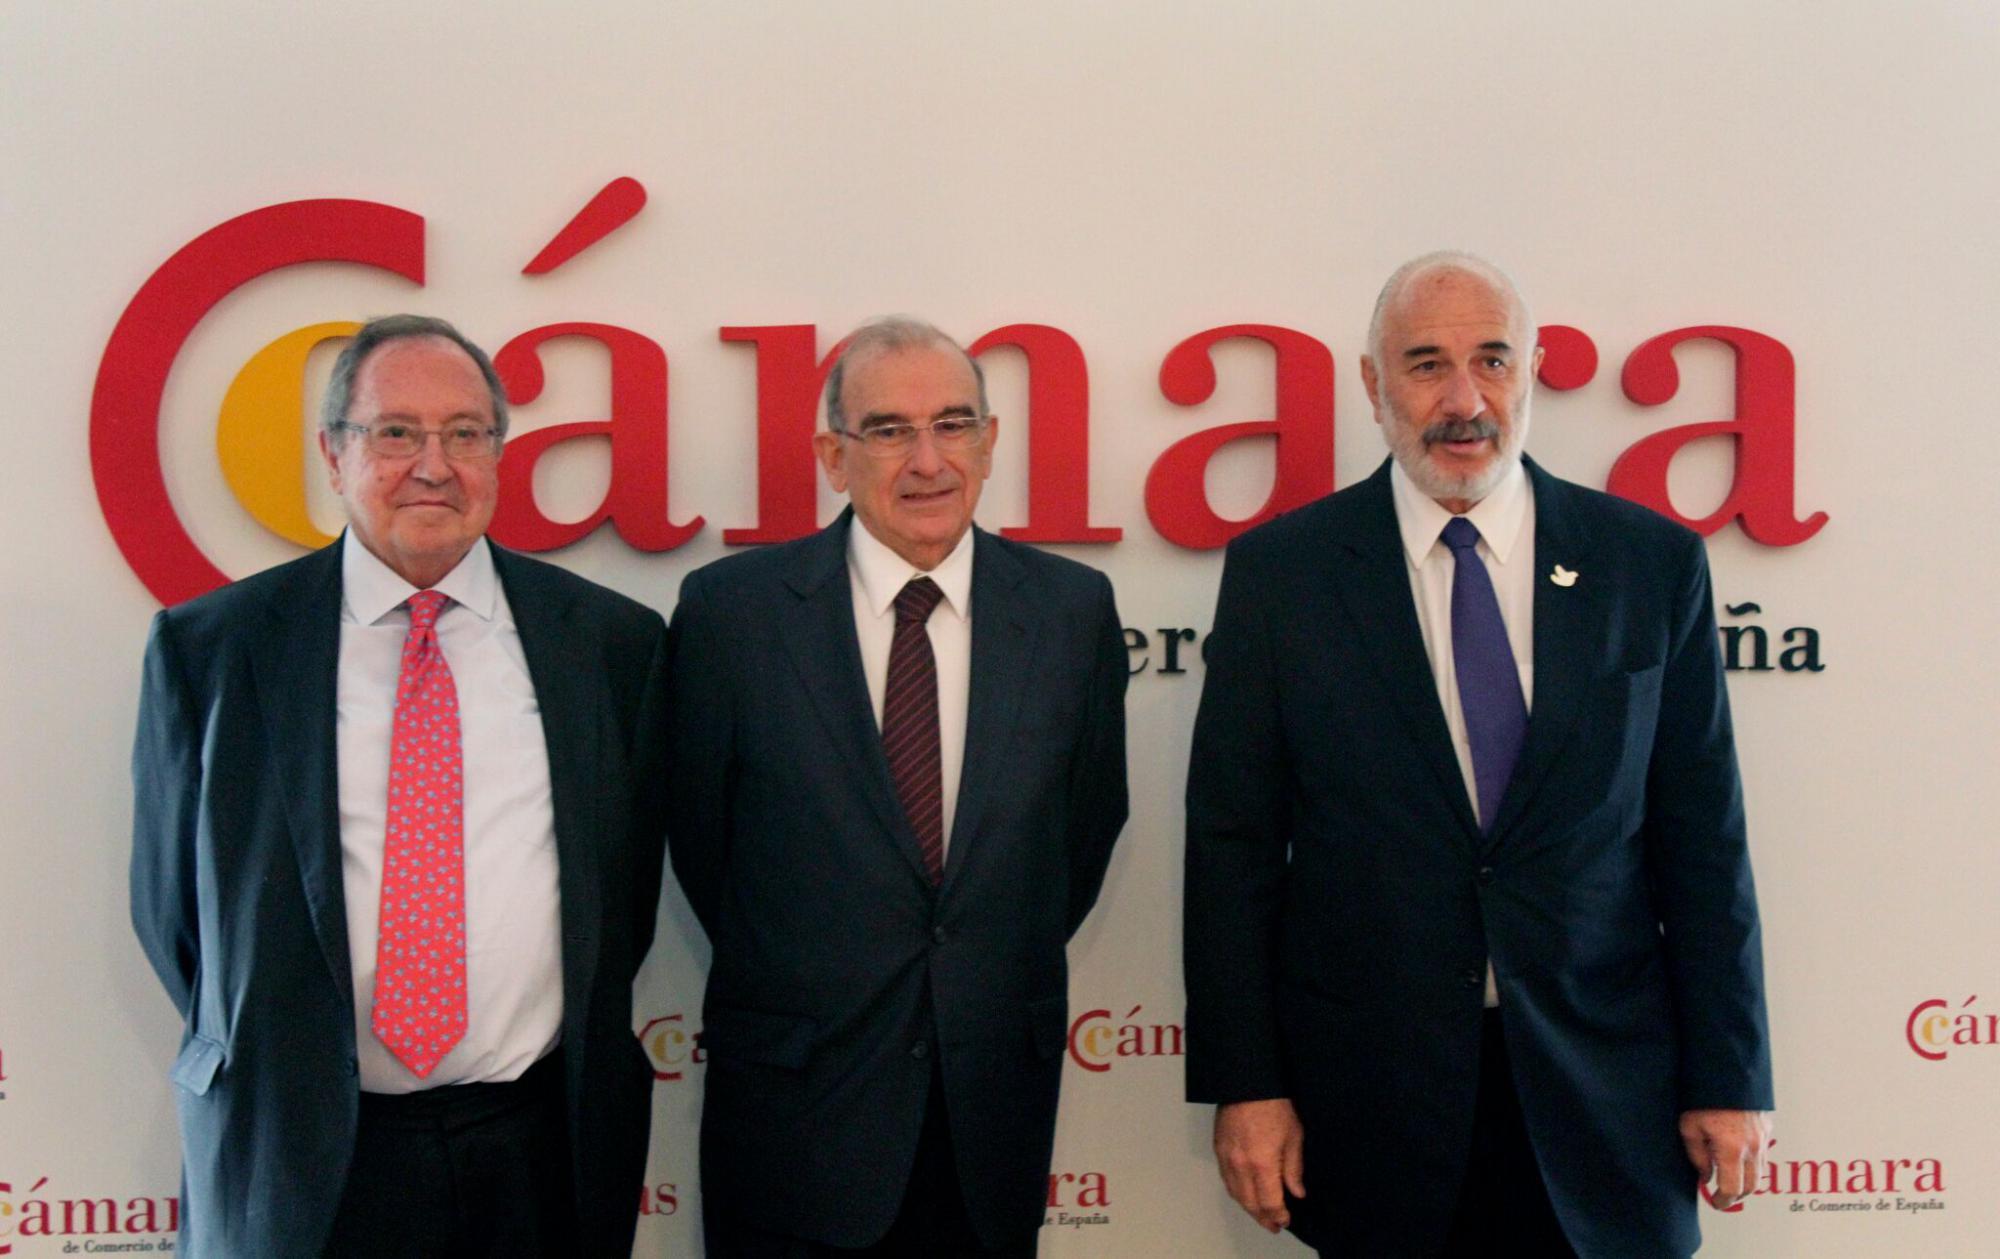 Foto: Cámara de Comercio de España